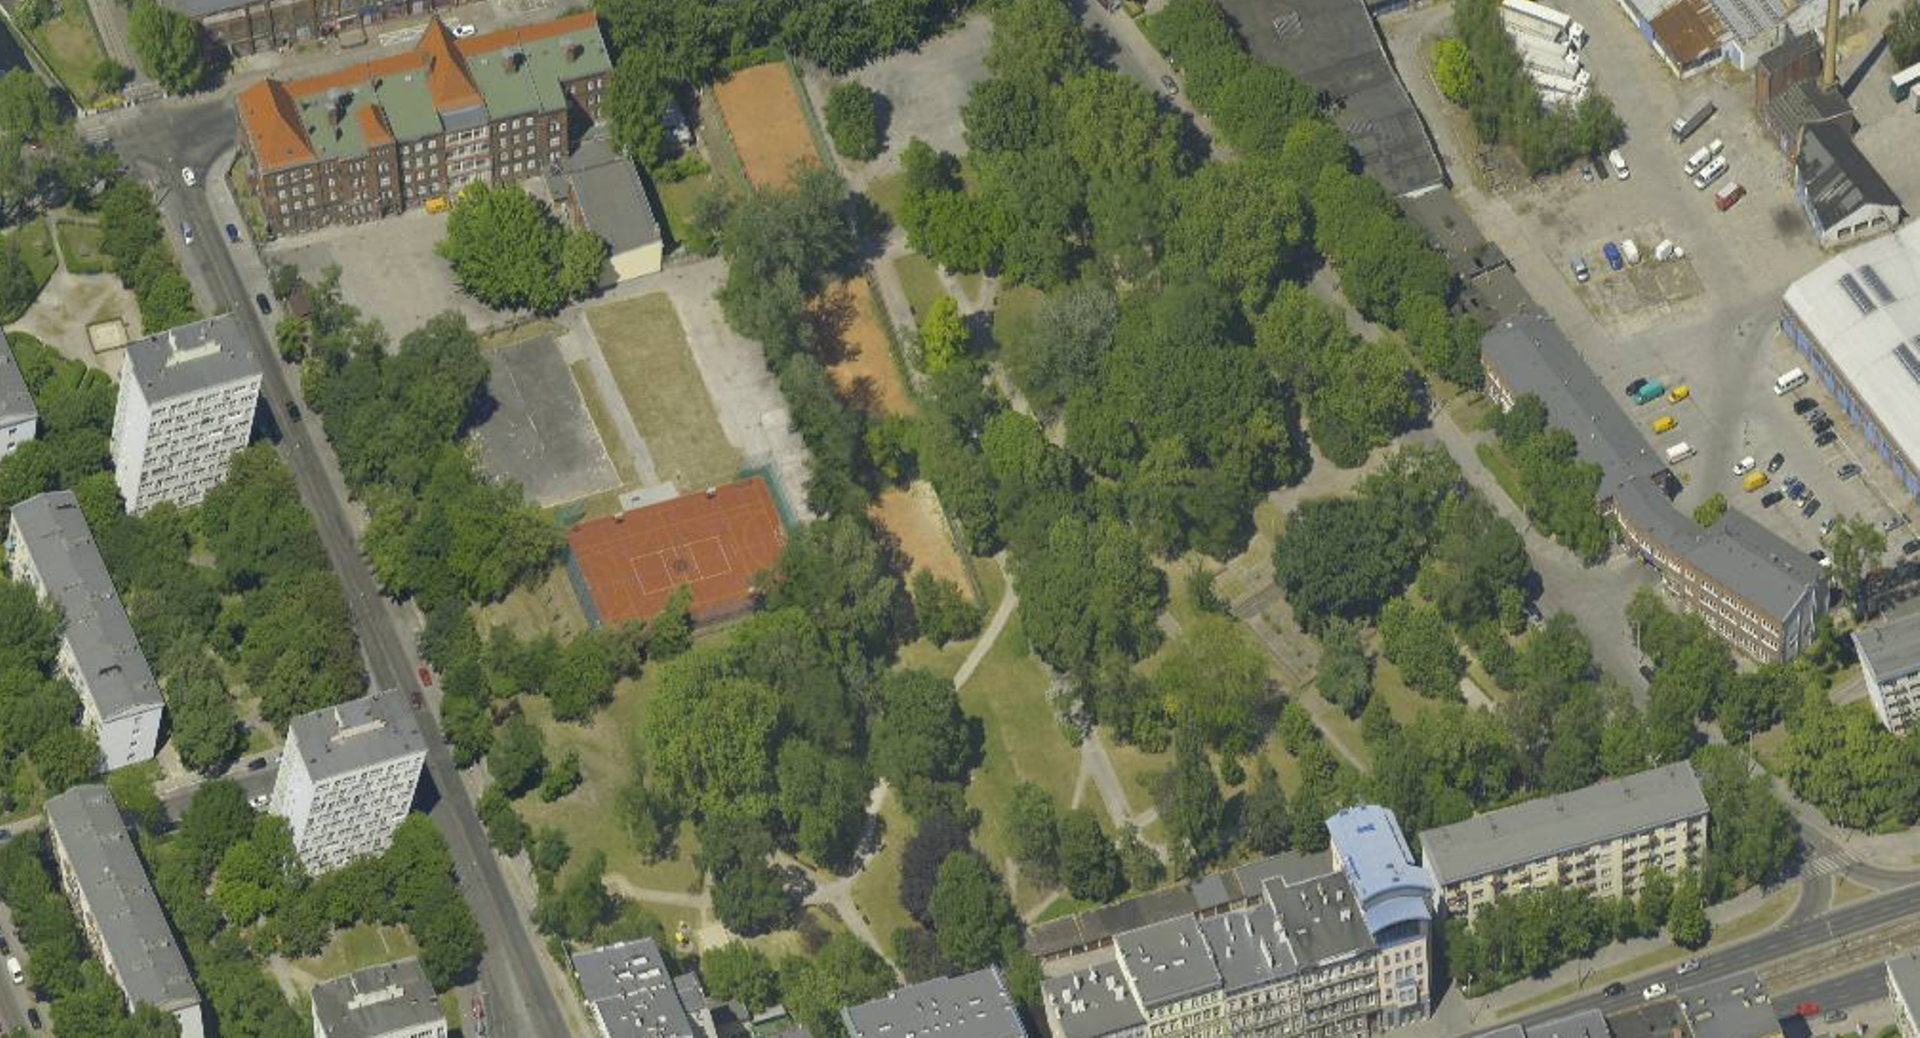 Wrocław: Park na Przedmieściu Świdnickim przejdzie rewitalizację. Będą konsultacje